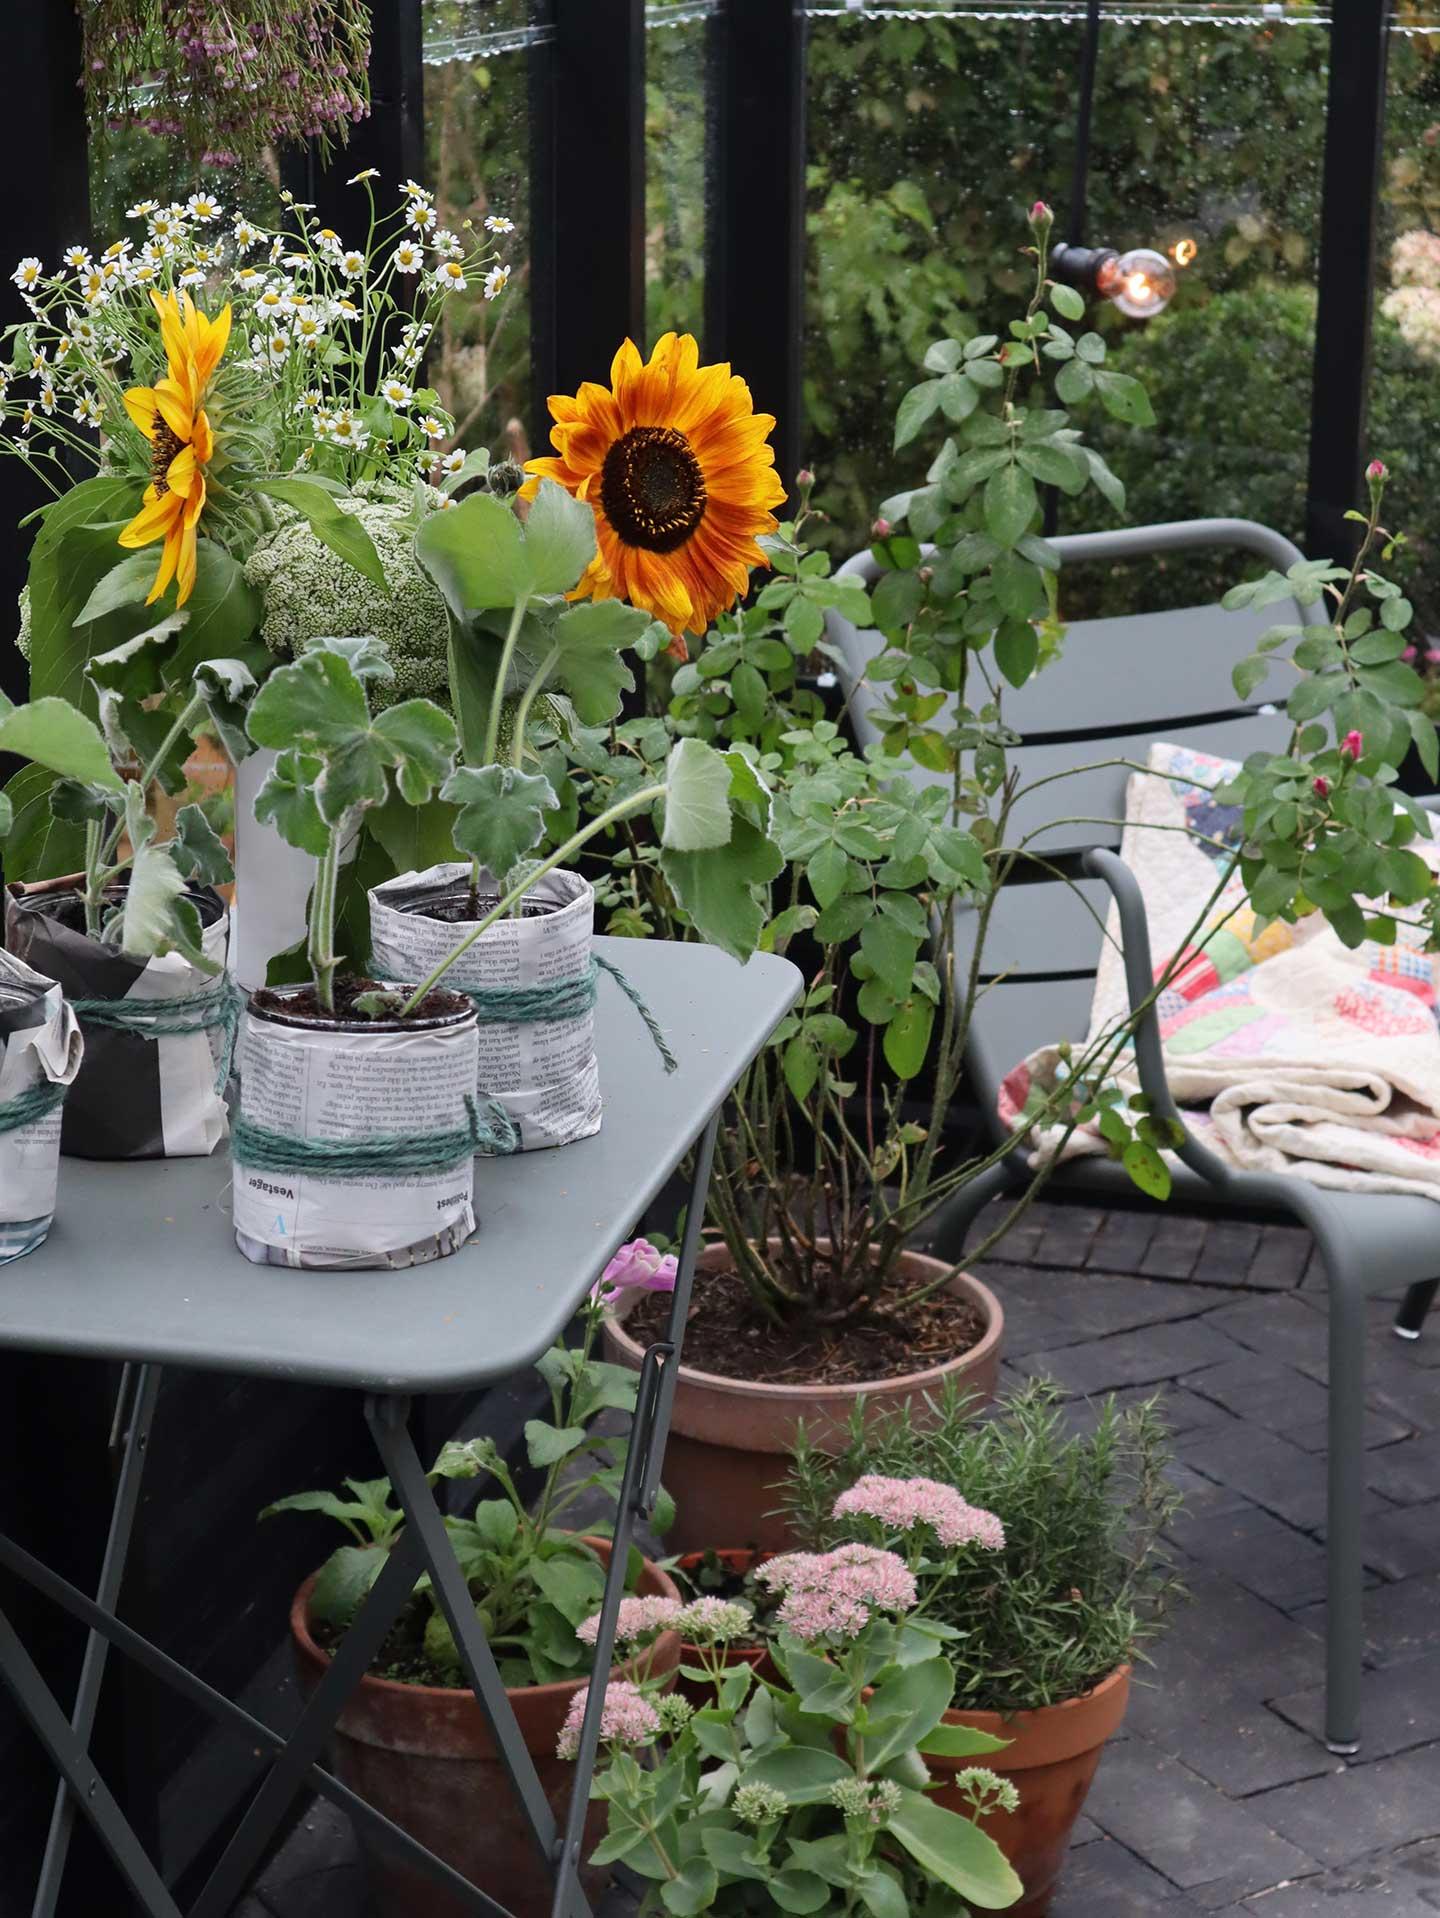 Et drivhus indefra med en stol og et plantebord med solsikker